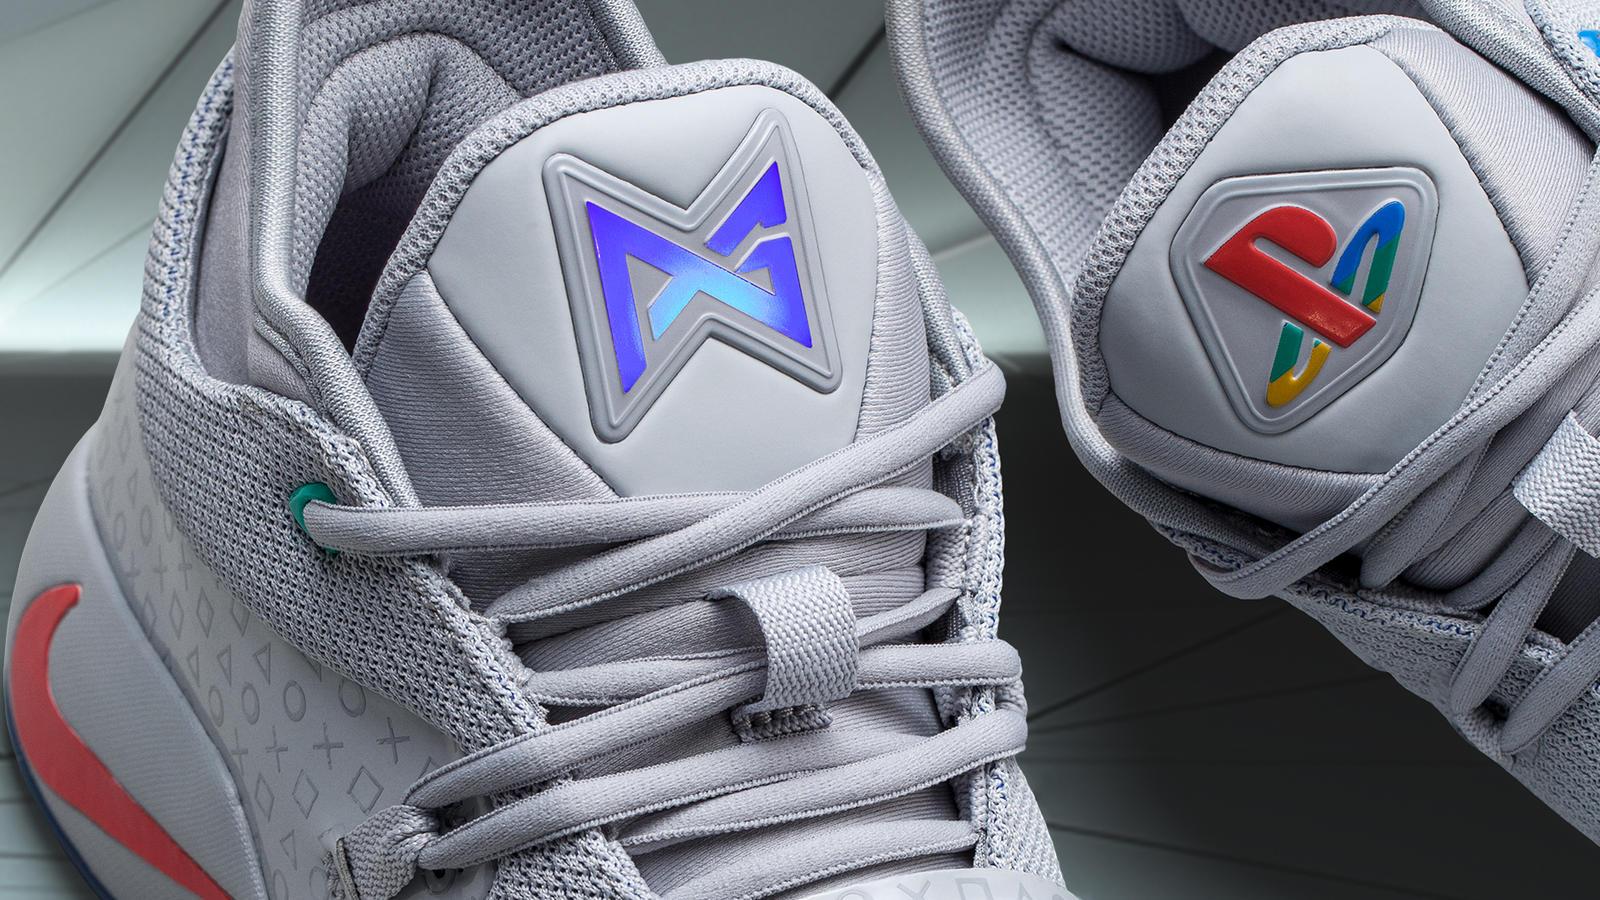 7e1586af29ea 耐克篮球推出Nike PG 2.5 x PlayStation